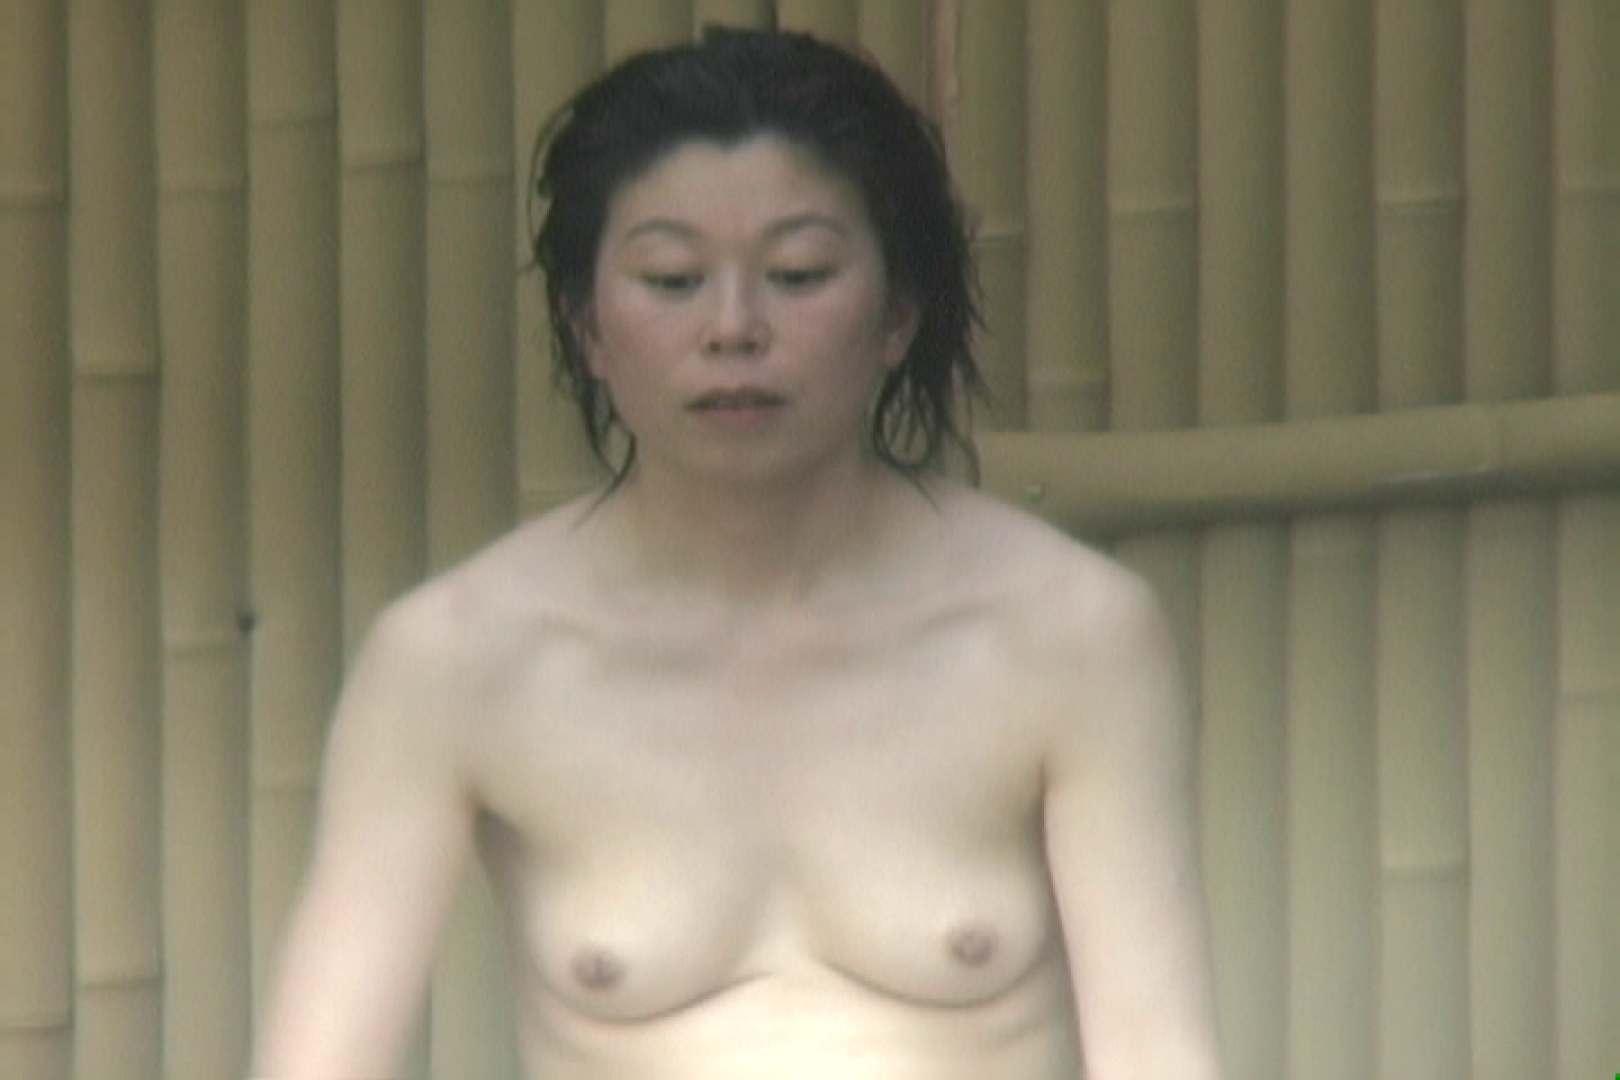 高画質露天女風呂観察 vol.008 望遠映像 | 乙女のエロ動画  102PIX 37